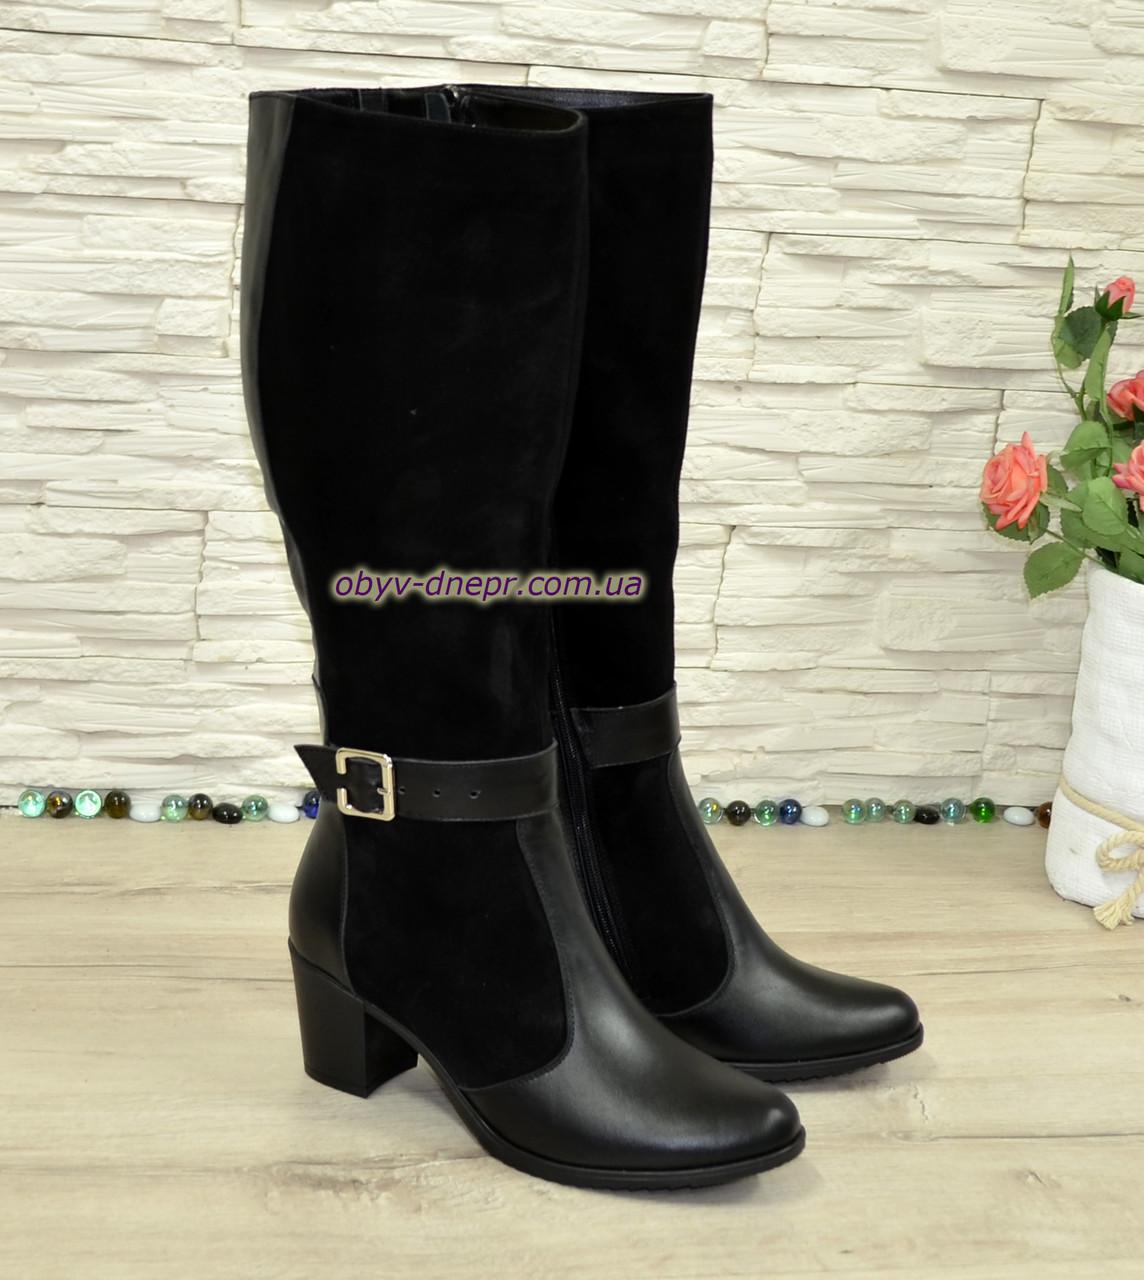 Сапоги зимние женские на невысоком устойчивом каблуке, натуральная черная кожа и замша.